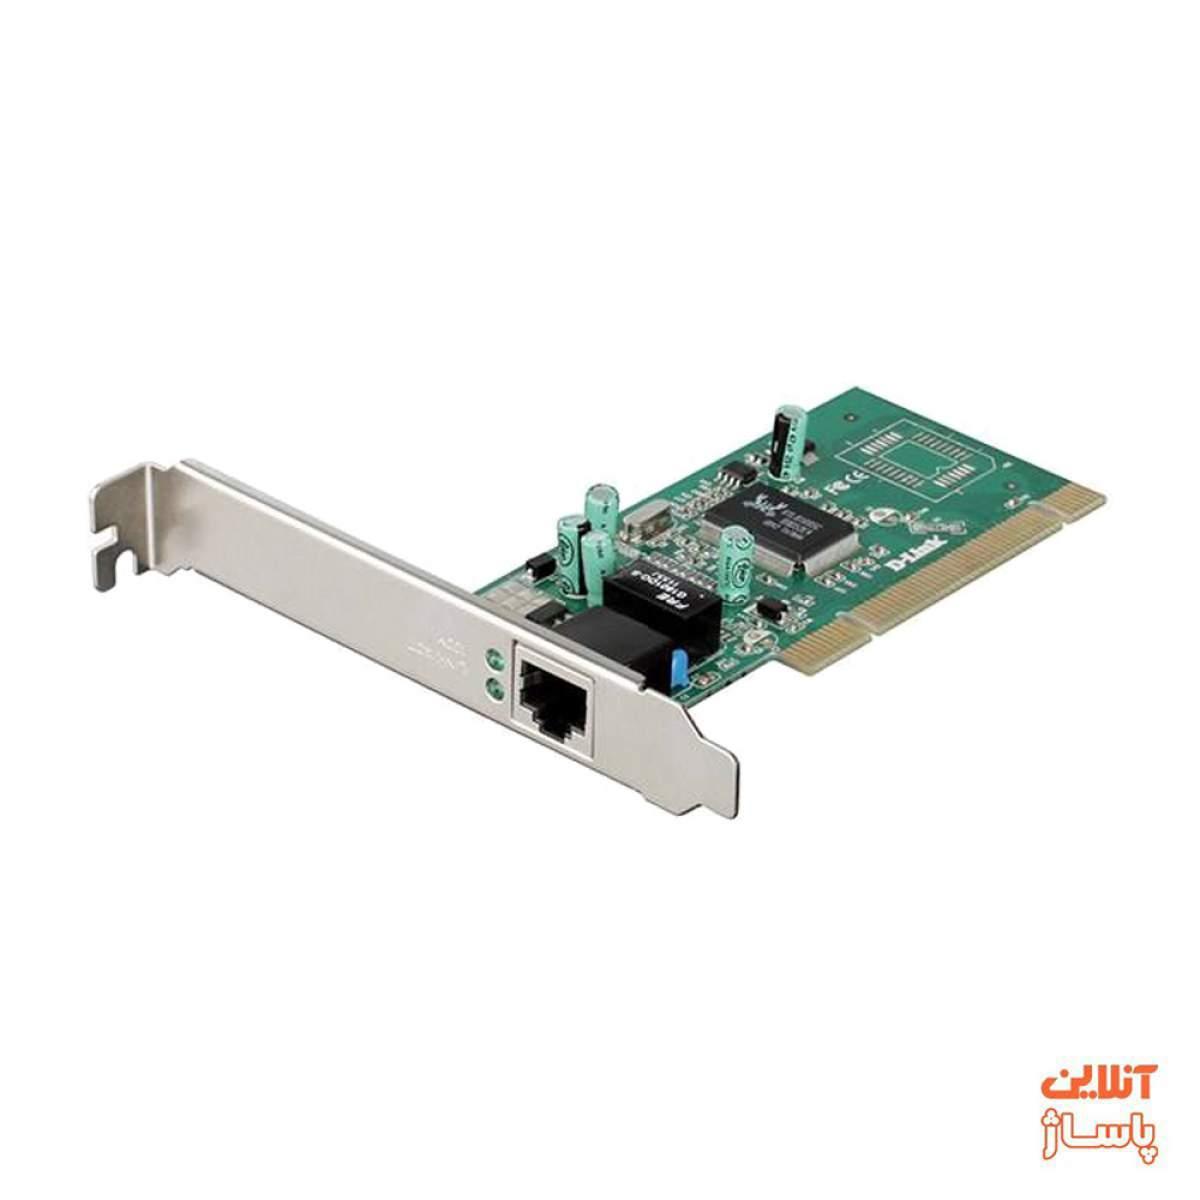 کارت شبکه گیگابیتی دی-لینک مدل DGE-528T